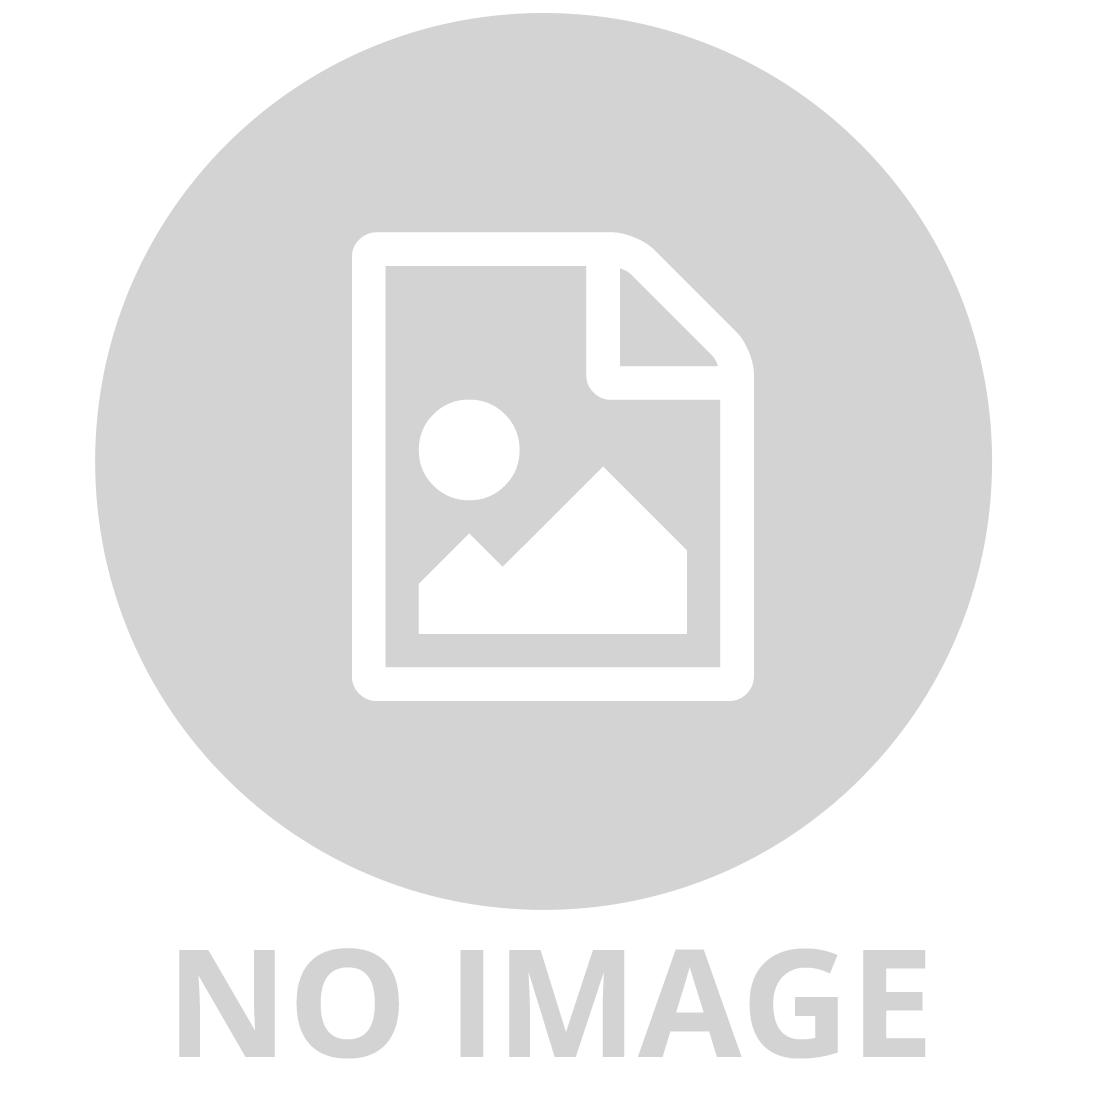 METAL WORX CAR KIT